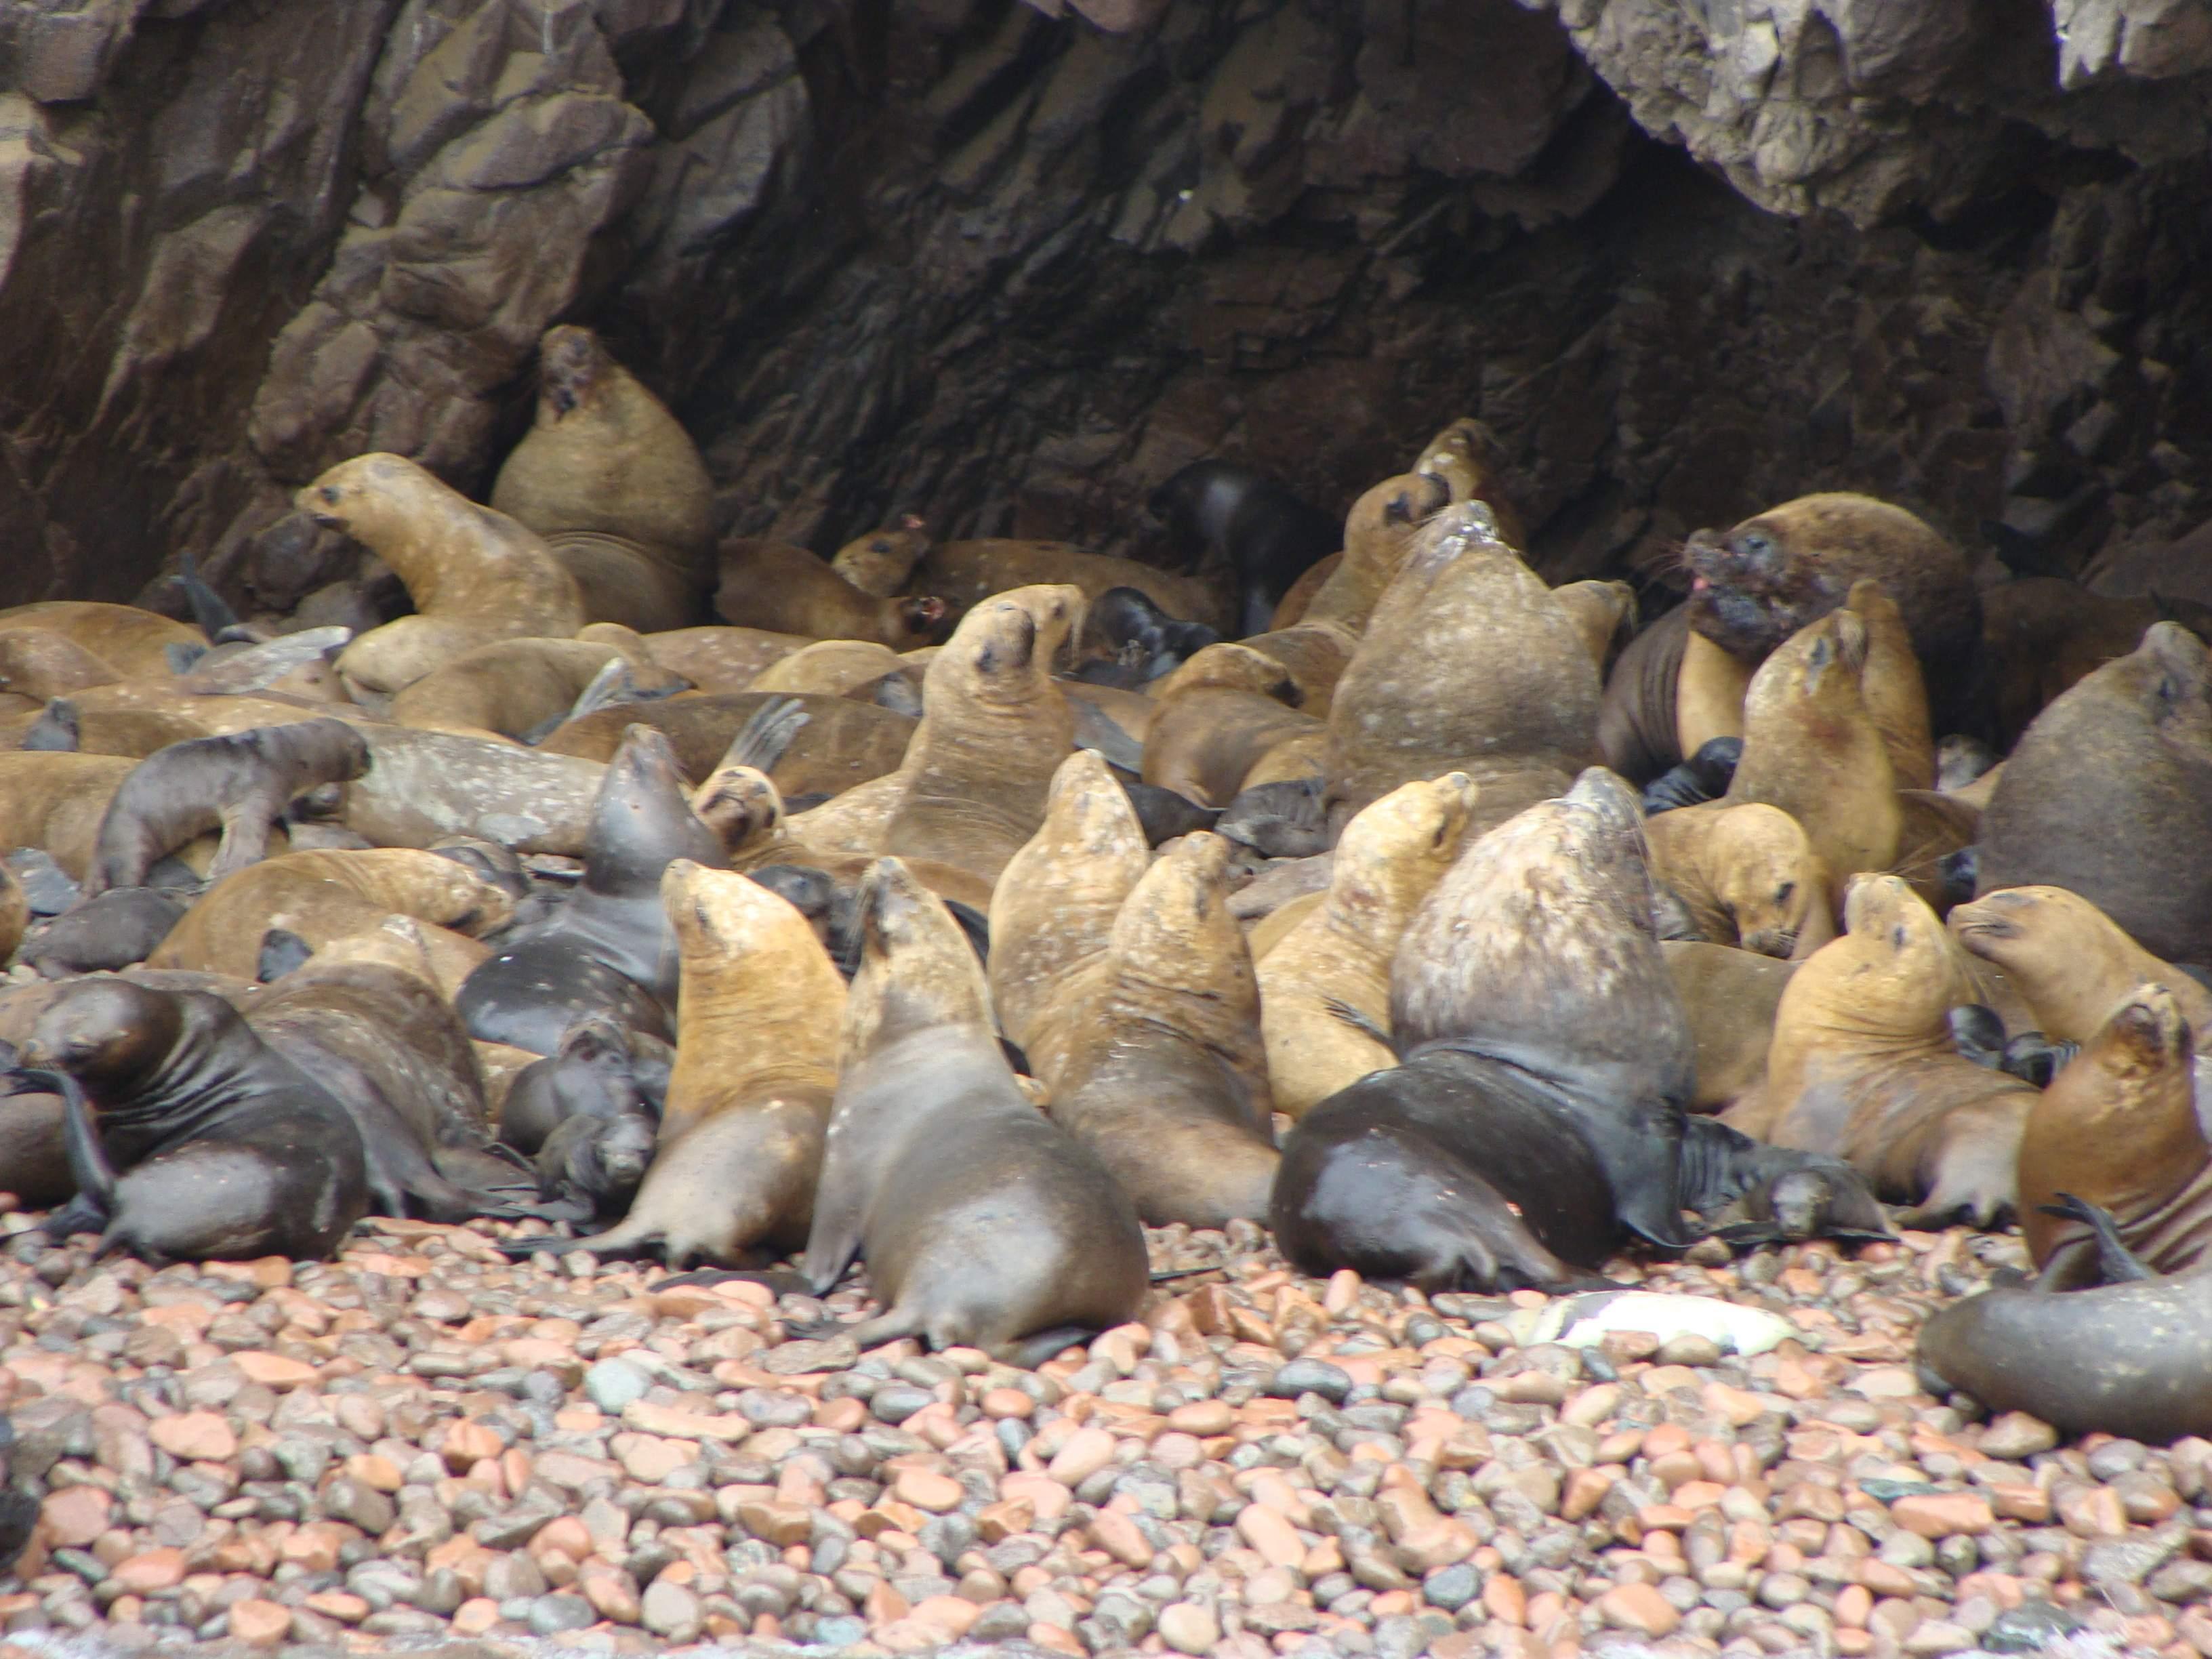 Národní rezervace Islas Balestas 22. 2. 2011